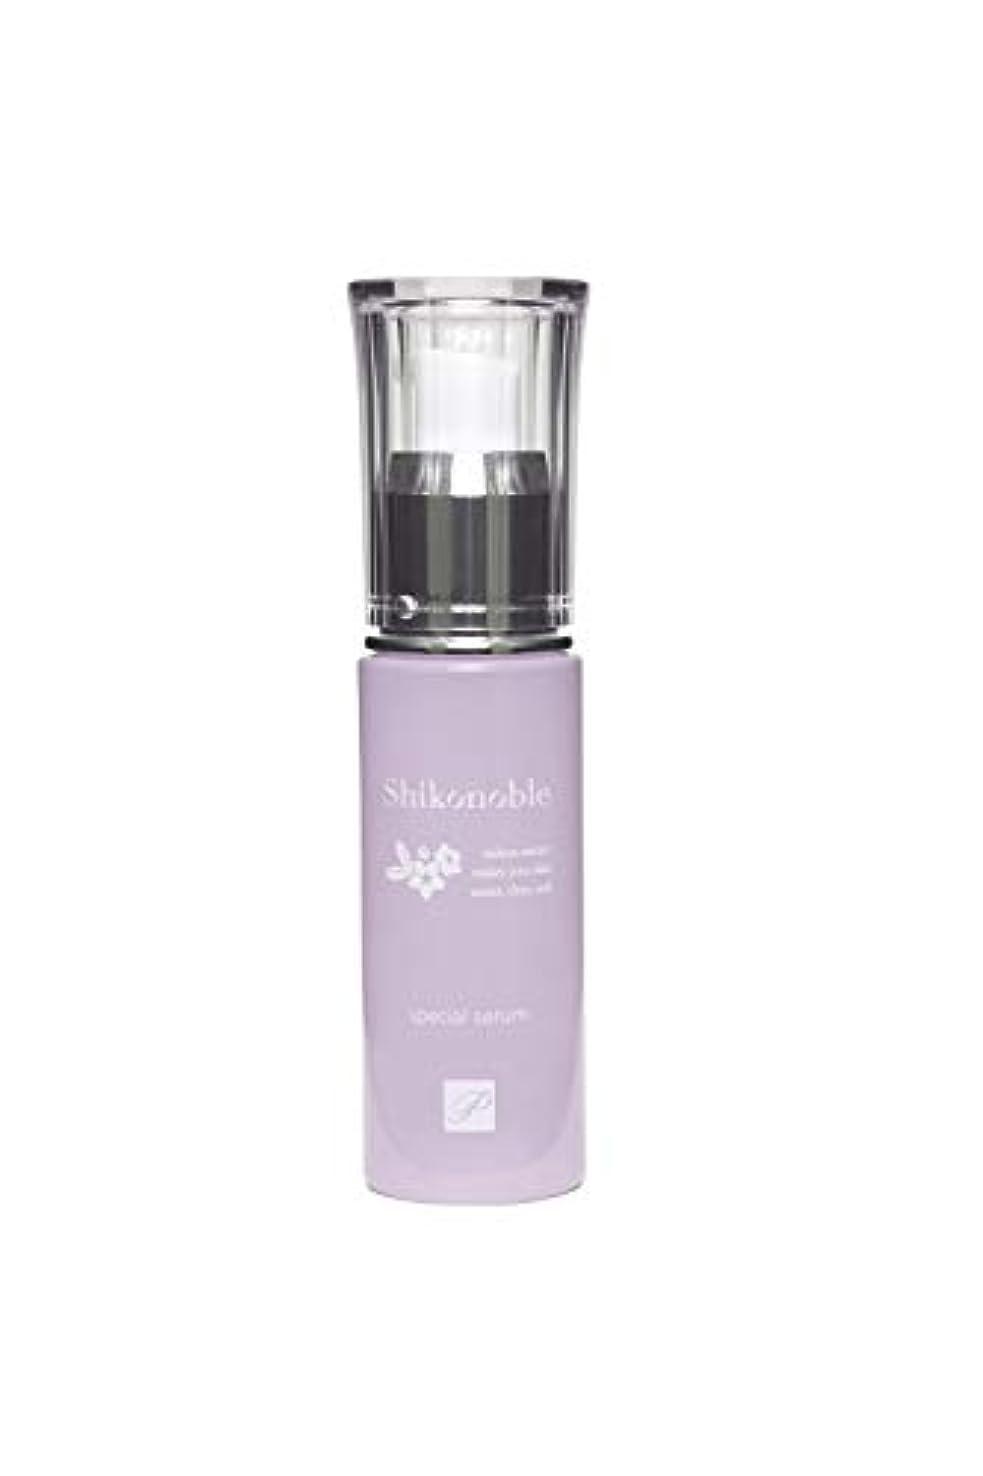 彼らのもの効果的にネブ紫根化粧品【植物幹細胞配合】SHIKONOBLE スペシャルセラム(美容液)30ml